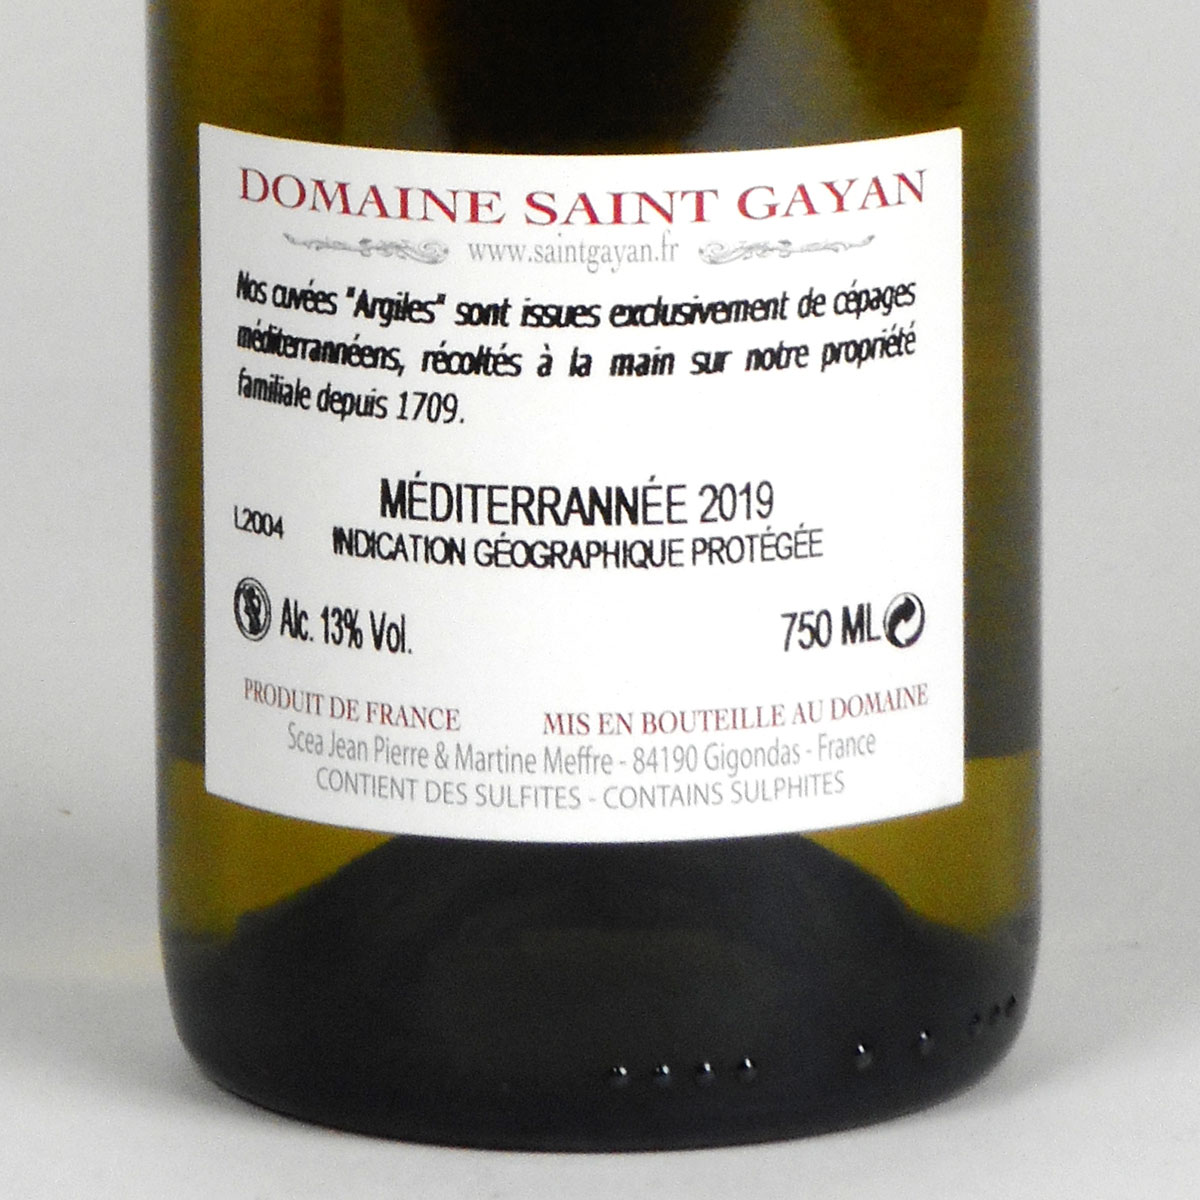 IGP Méditerranée: Domaine Saint Gayan 'Argiles' Blanc 2019 - Bottle Rear Label